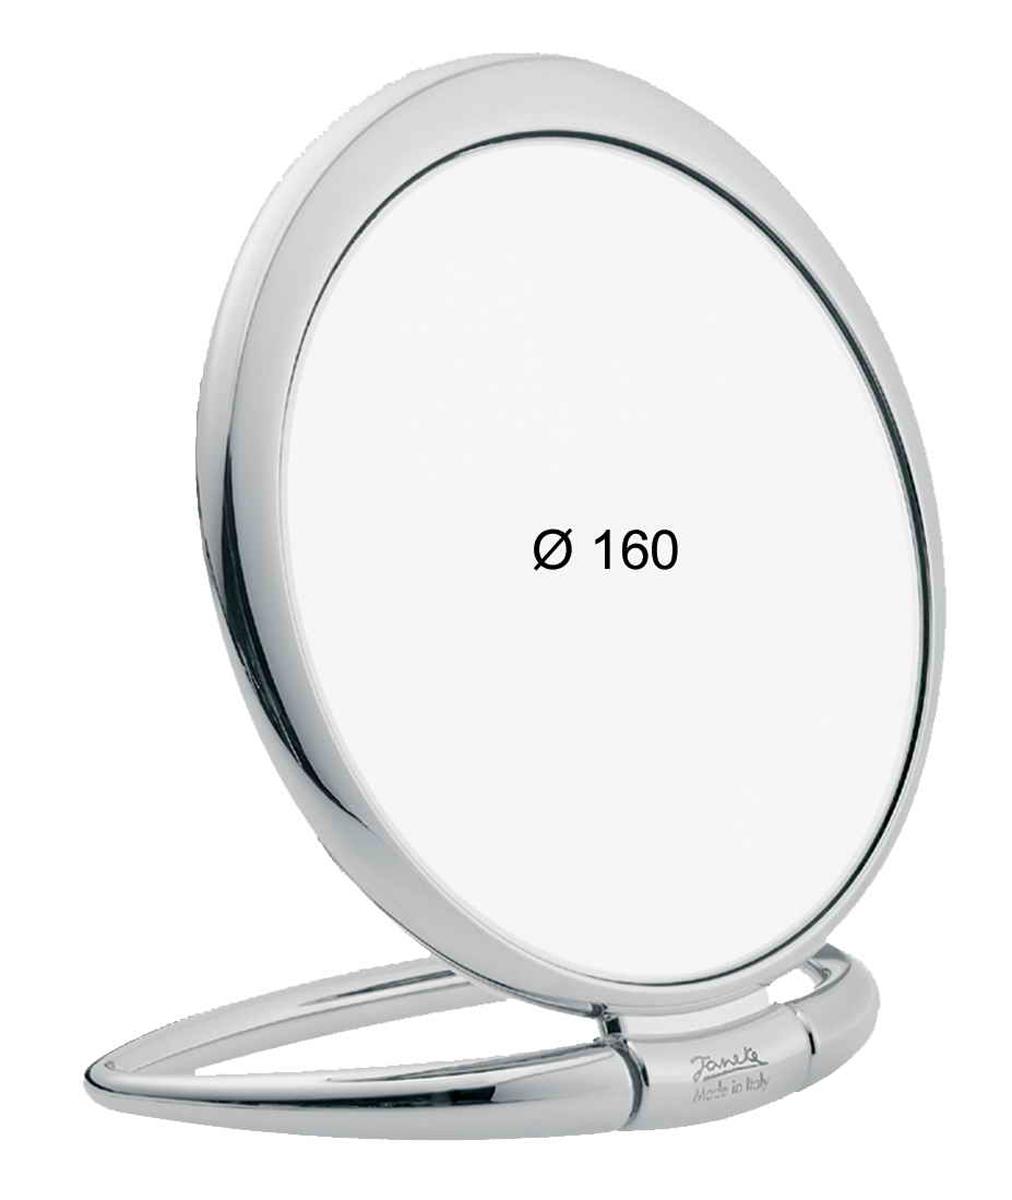 Janeke Зеркало настольное D160, линзы ZEISS, хромированное, CR443.6709982Марка Janeke – мировой лидер по производству расчесок, щеток, маникюрных принадлежностей, зеркал и косметичек. Марка Janeke, основанная в 1830 году, вот уже почти 180 лет поддерживает непревзойденное качество своей продукции, сочетая новейшие технологии с традициями ста- рых миланских мастеров. Все изделия на 80% производятся вручную, а инновационные технологии и современные материалы делают продукцию марки поистине уникальной. Стильный и эргономичный дизайн, яркие цветовые решения – все это приносит истин- ное удовольствие от использования аксессуаров Janeke. Зеркала для дома итальянской марки Janeke, изготовленные из высококачественных материалов и выполненные в оригинальном стильном дизайне, дополнят любой интерьер. Односторонние или двусторонние, с увеличением и без, на красивых и удобных подс- тавках – зеркала Janeke прослужат долго и доставят истинное удо- вольствие от использования